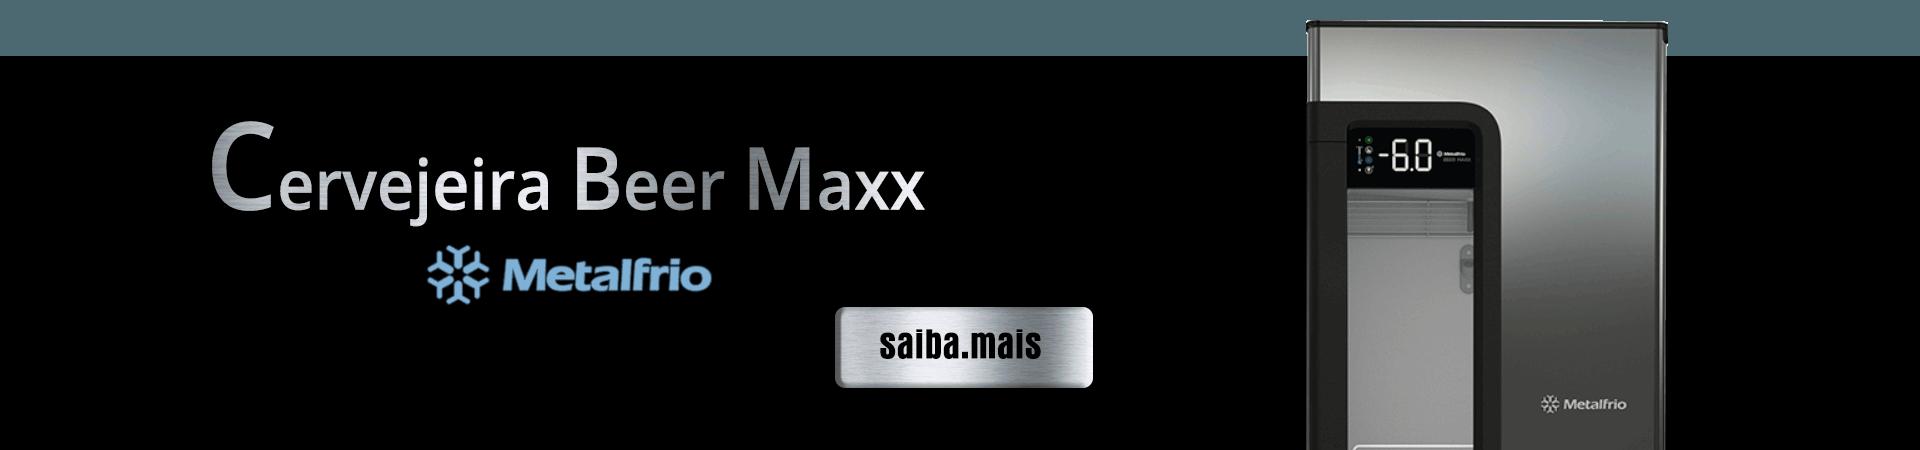 Cervejeira Beer Maxx